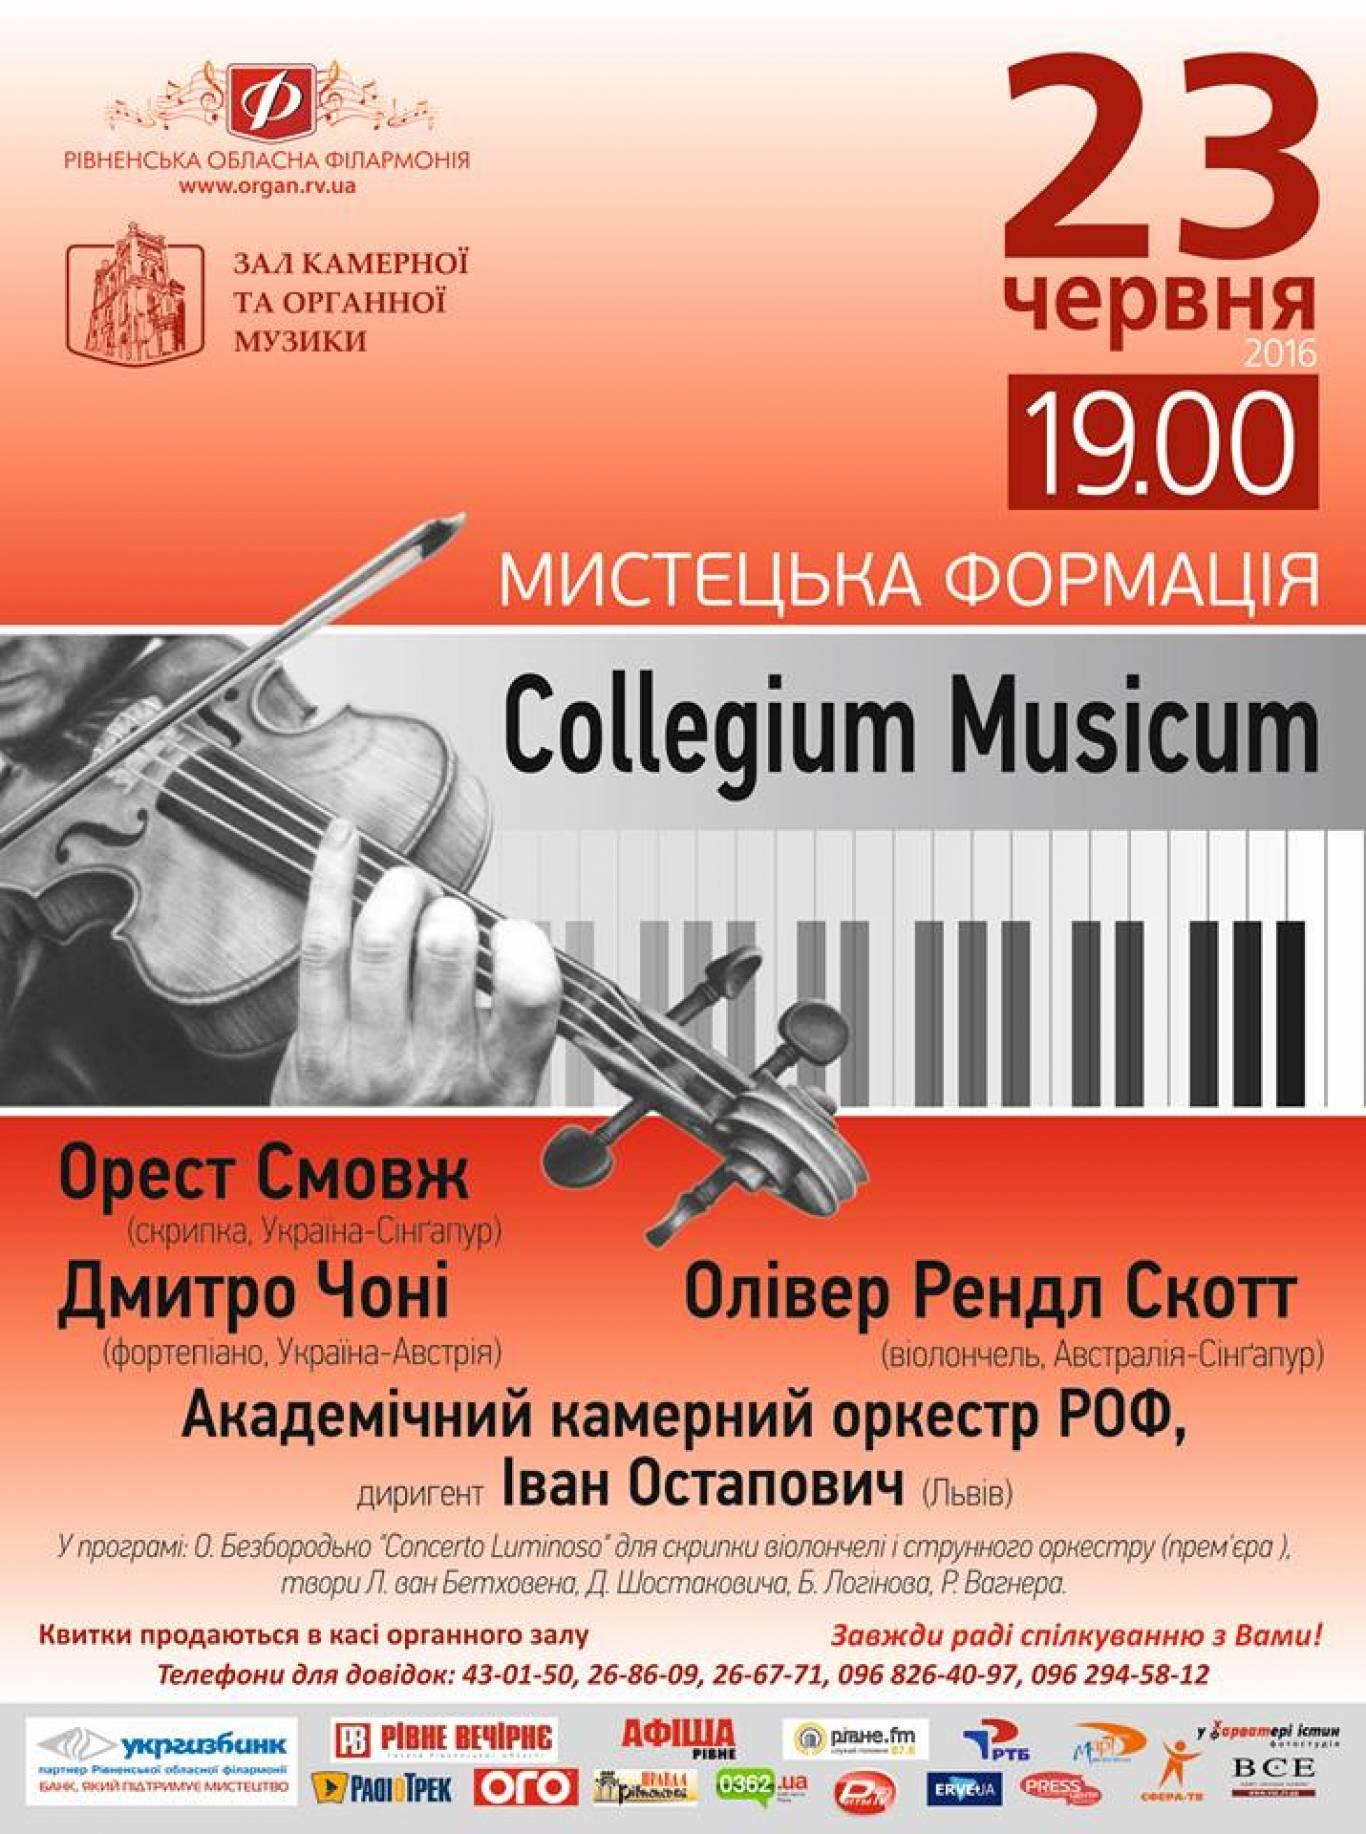 Ексклюзивний концерт у Рівненській філармонії